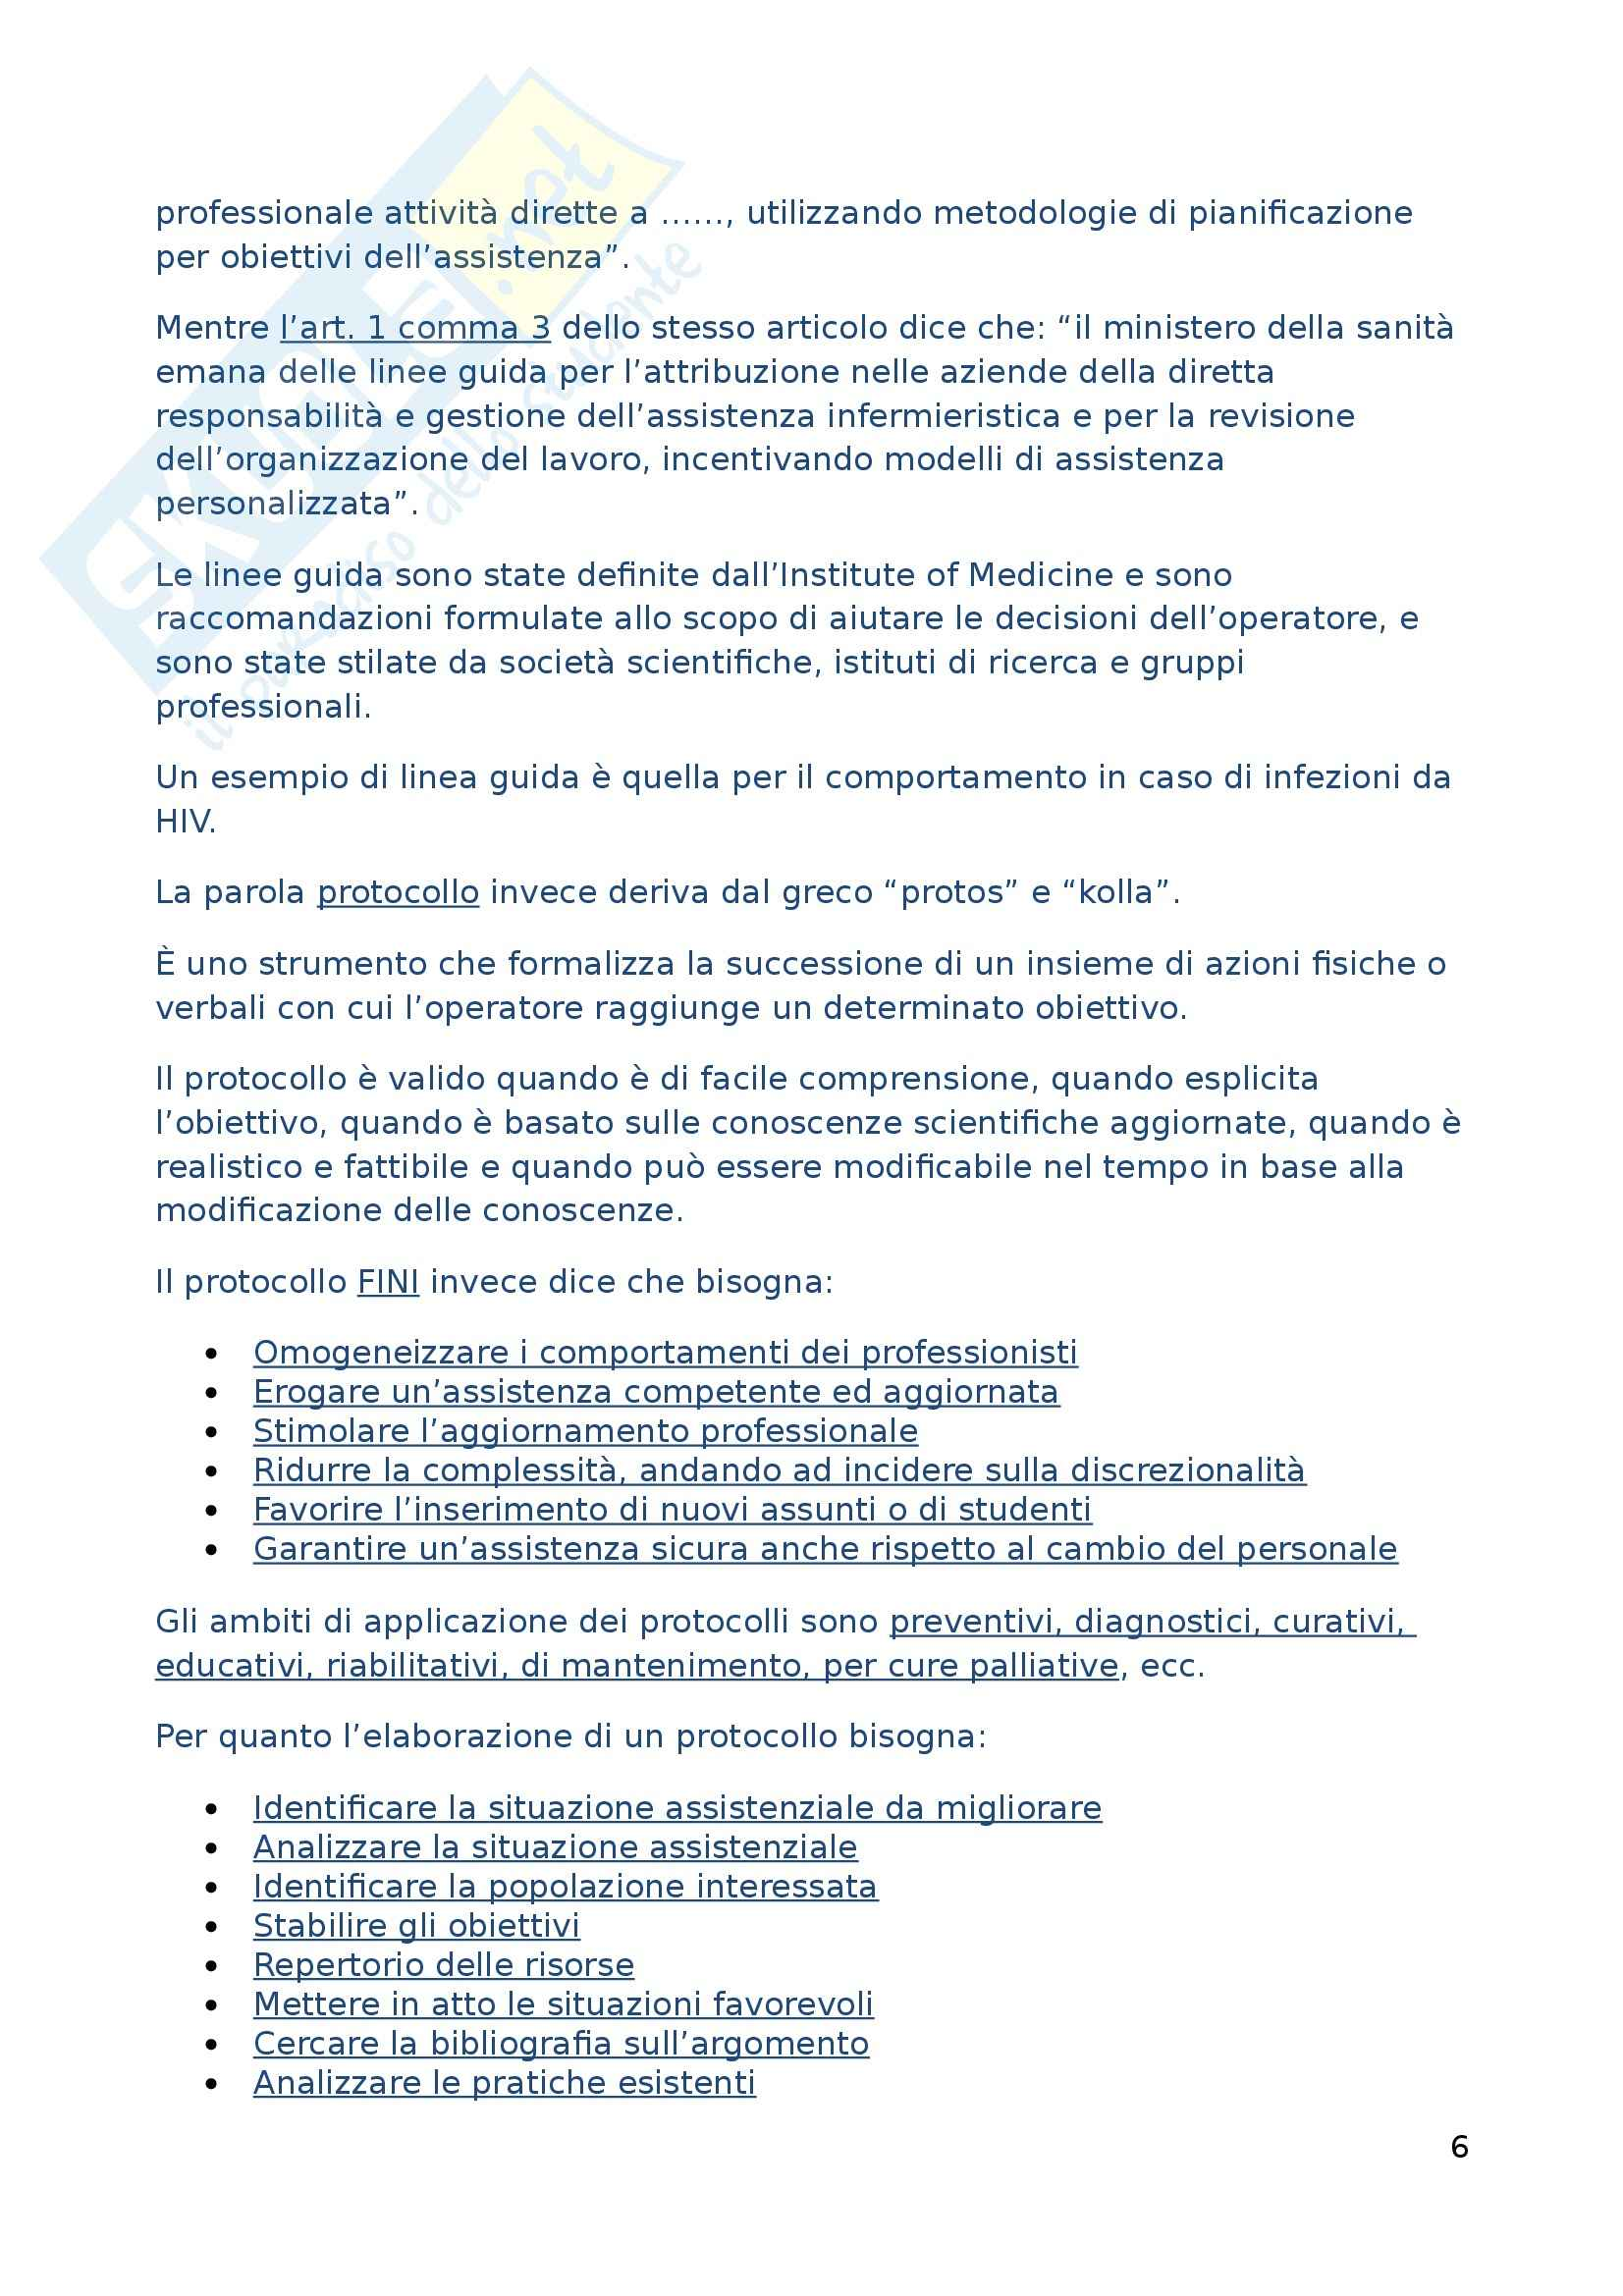 Infermieristica generale - infermieristica relazionale Pag. 6